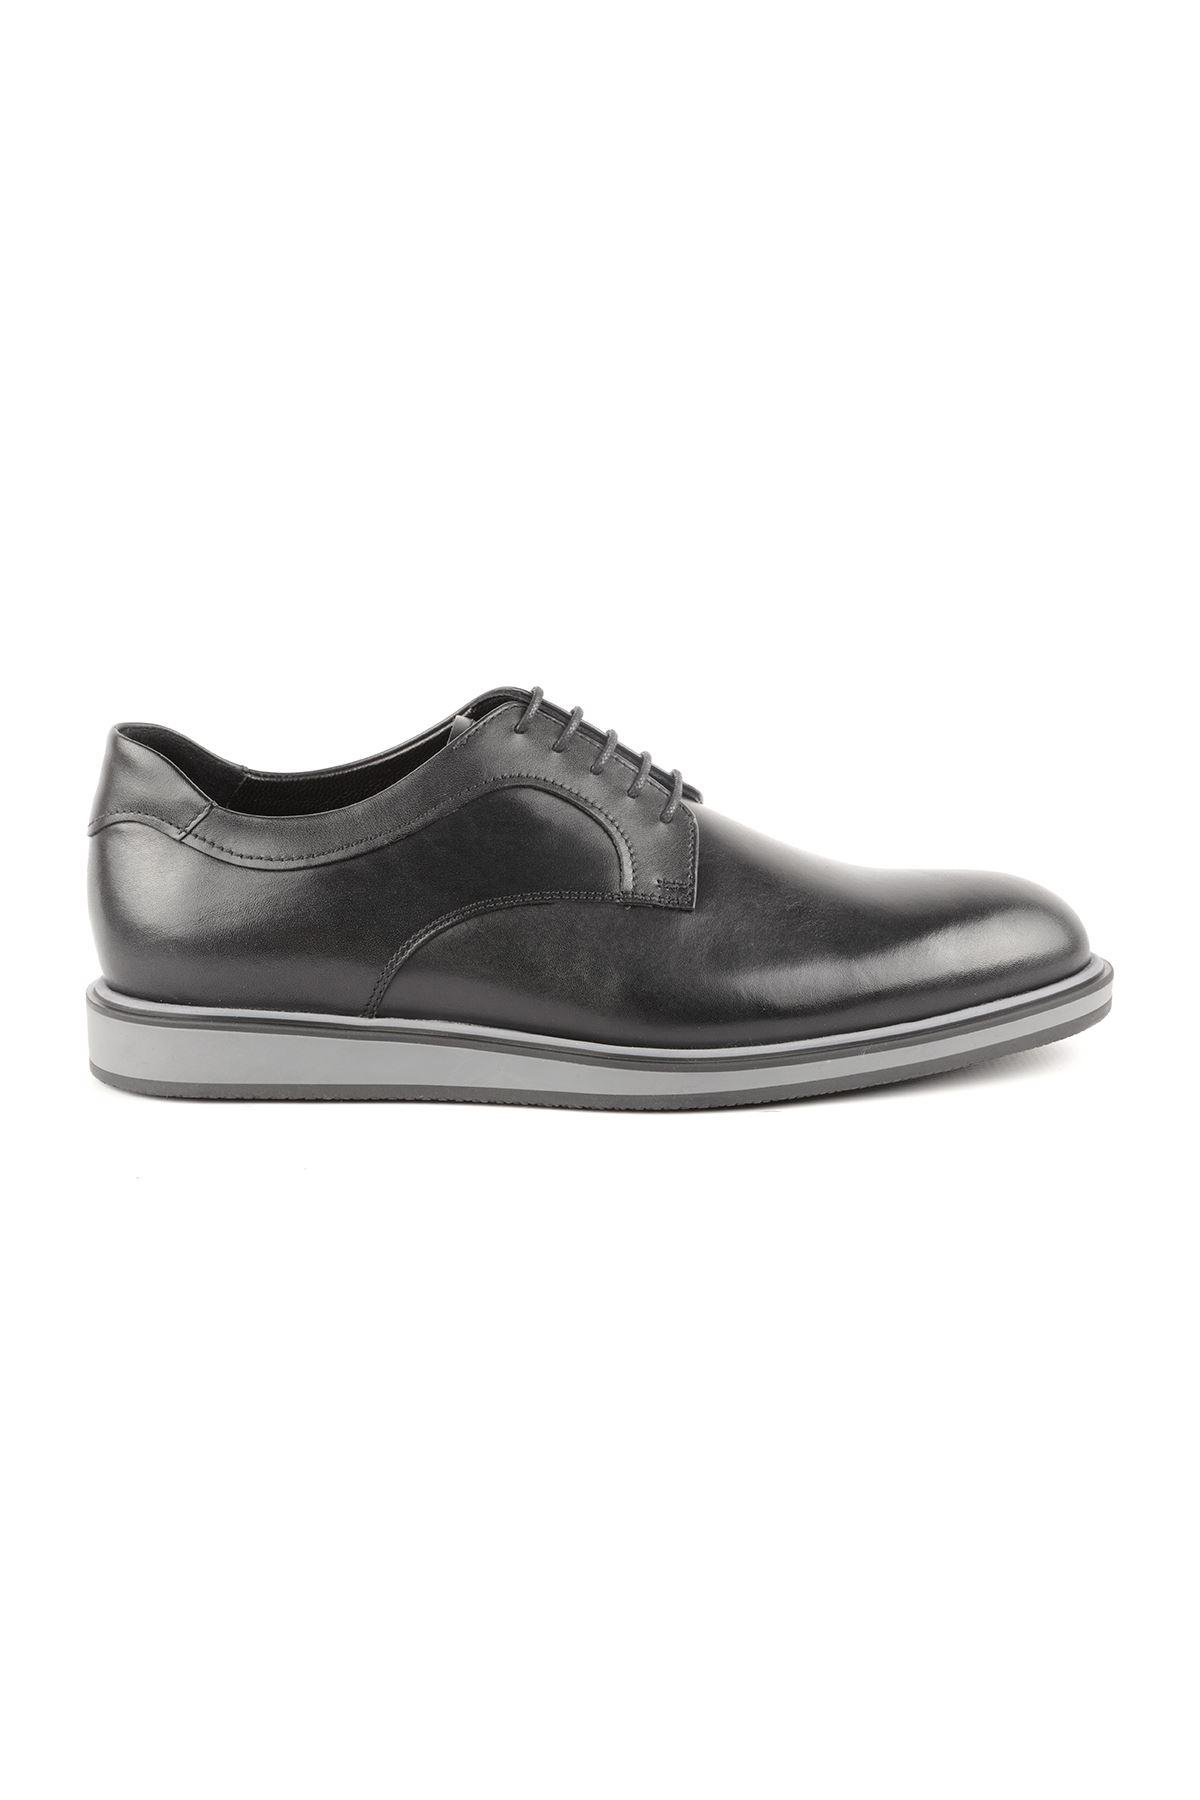 Libero L3653 Black Casual Men's Shoes